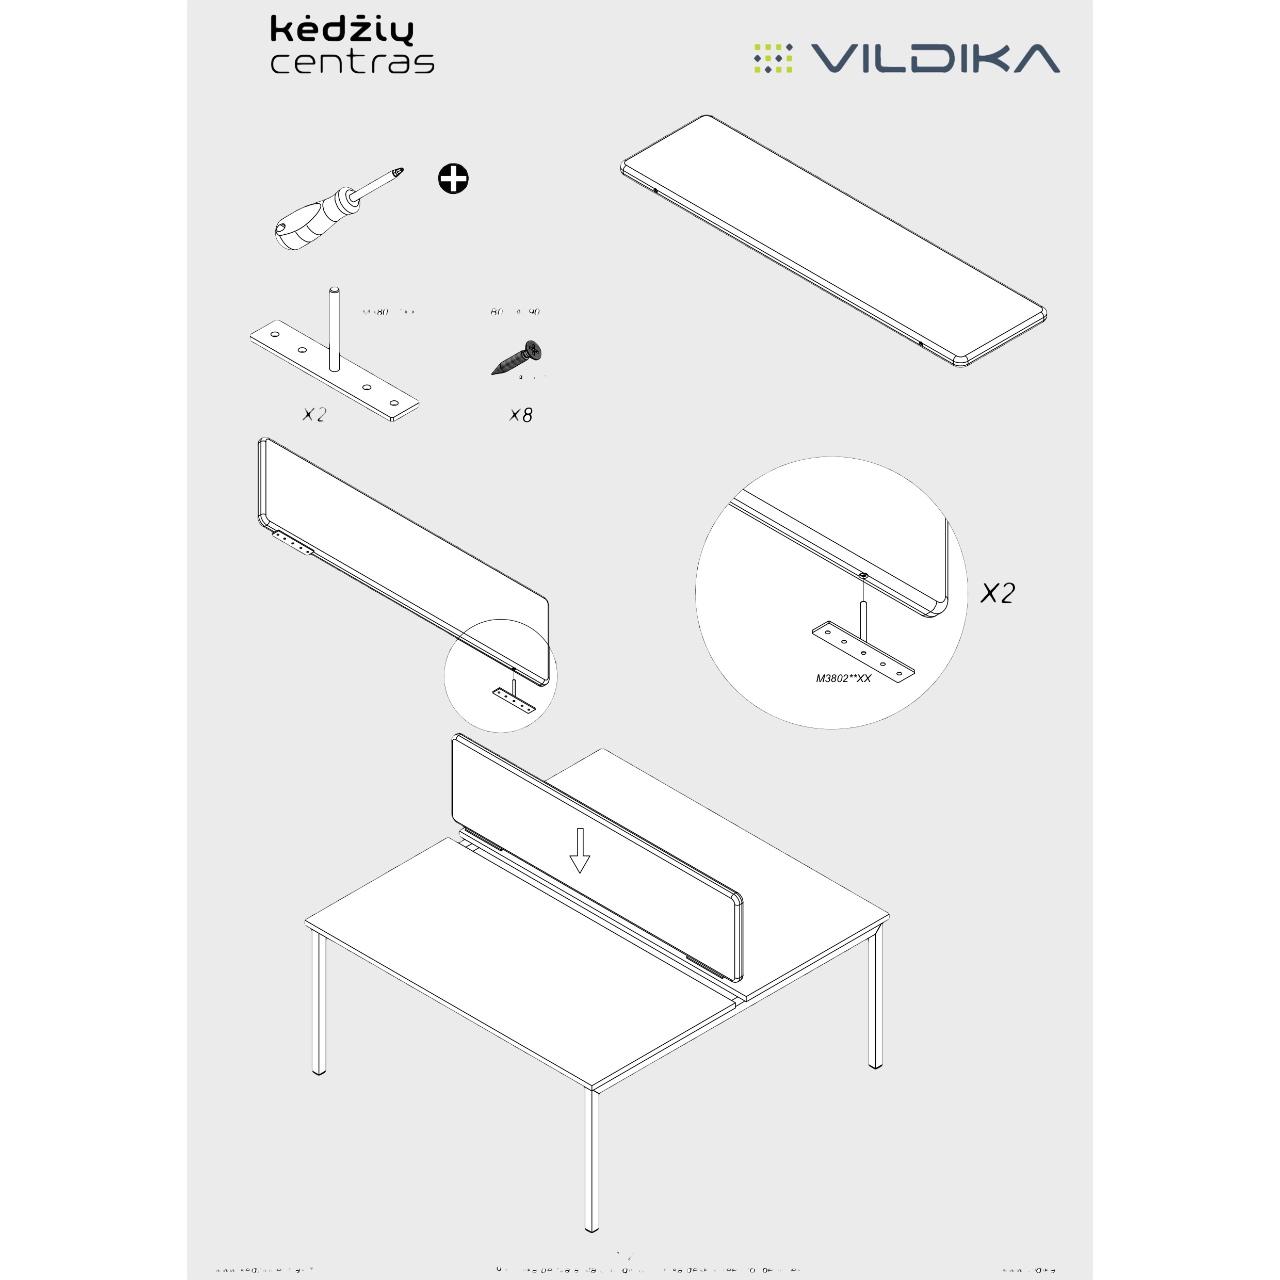 Unika biuro baldai || Kėdžių centras || Vildika